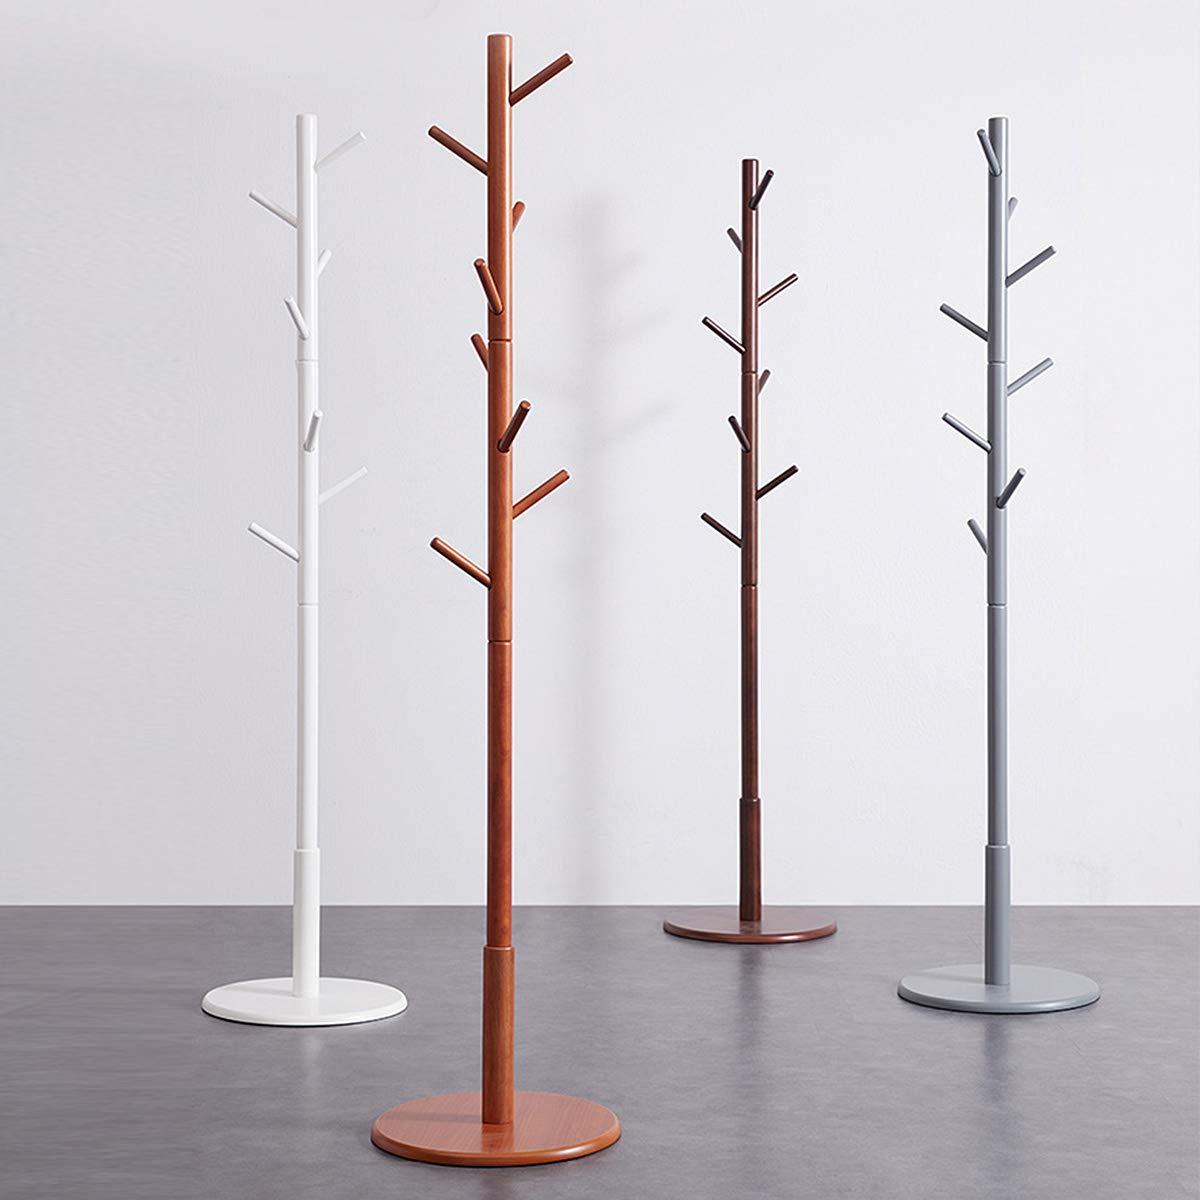 Stile Vintage Appendiabiti da Pavimento VLUSH in Legno di Gomma 40 x 40 x 175 cm